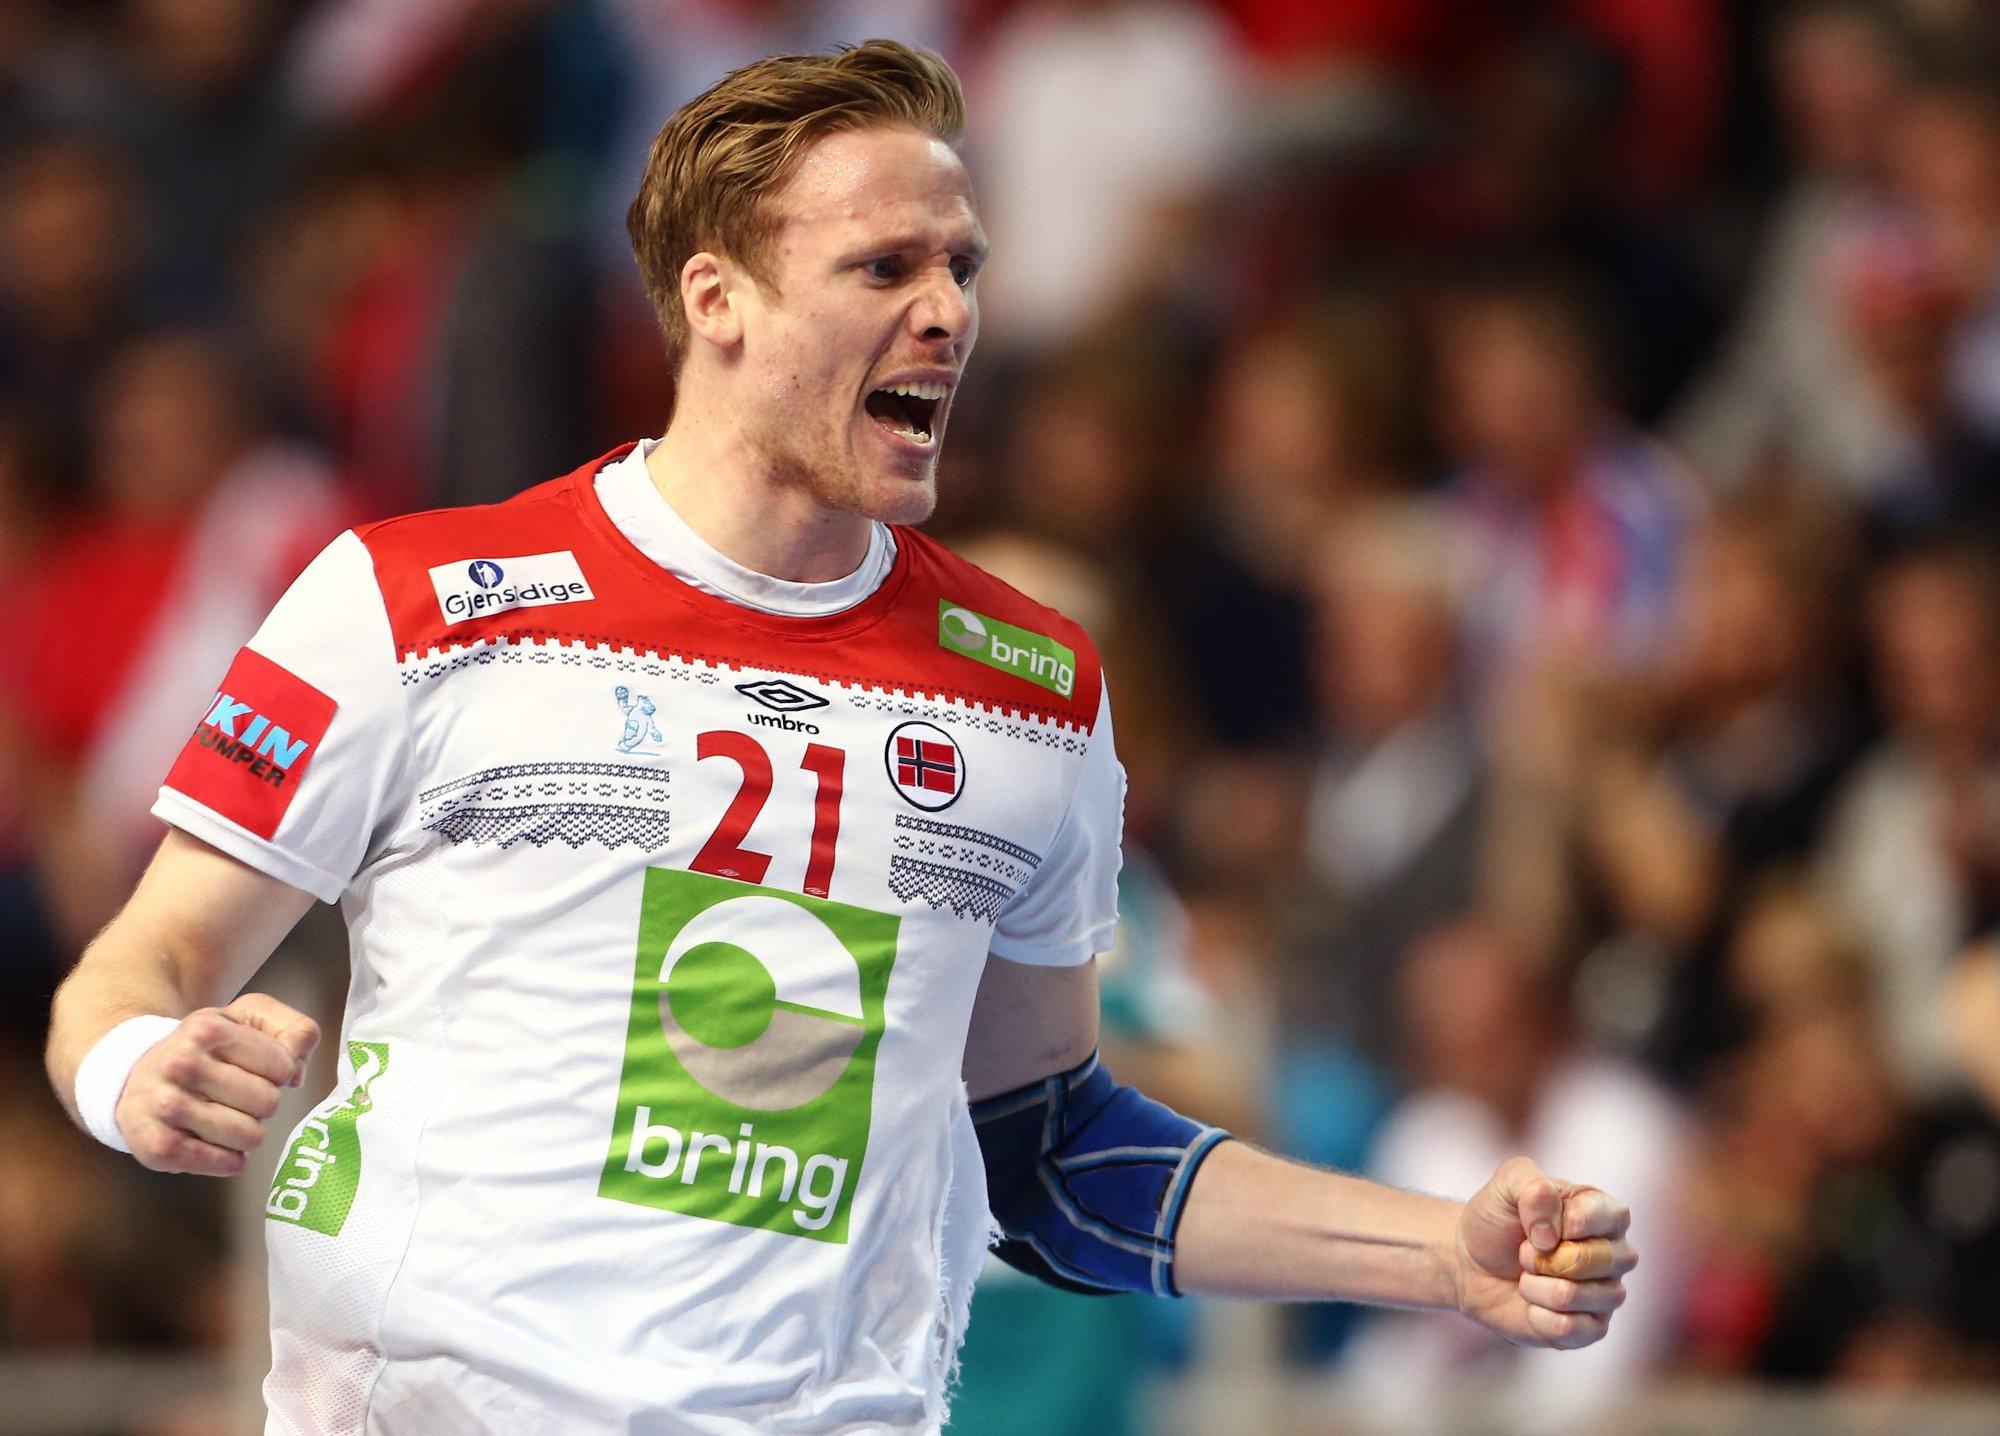 dab86644 ... en fantastisk prestasjon mot Hviterussland, ifølge TV 3-kommentator og  tidligere håndballspiller, Kristian Kjelling. Foto: Antonio Bronic (Reuters)